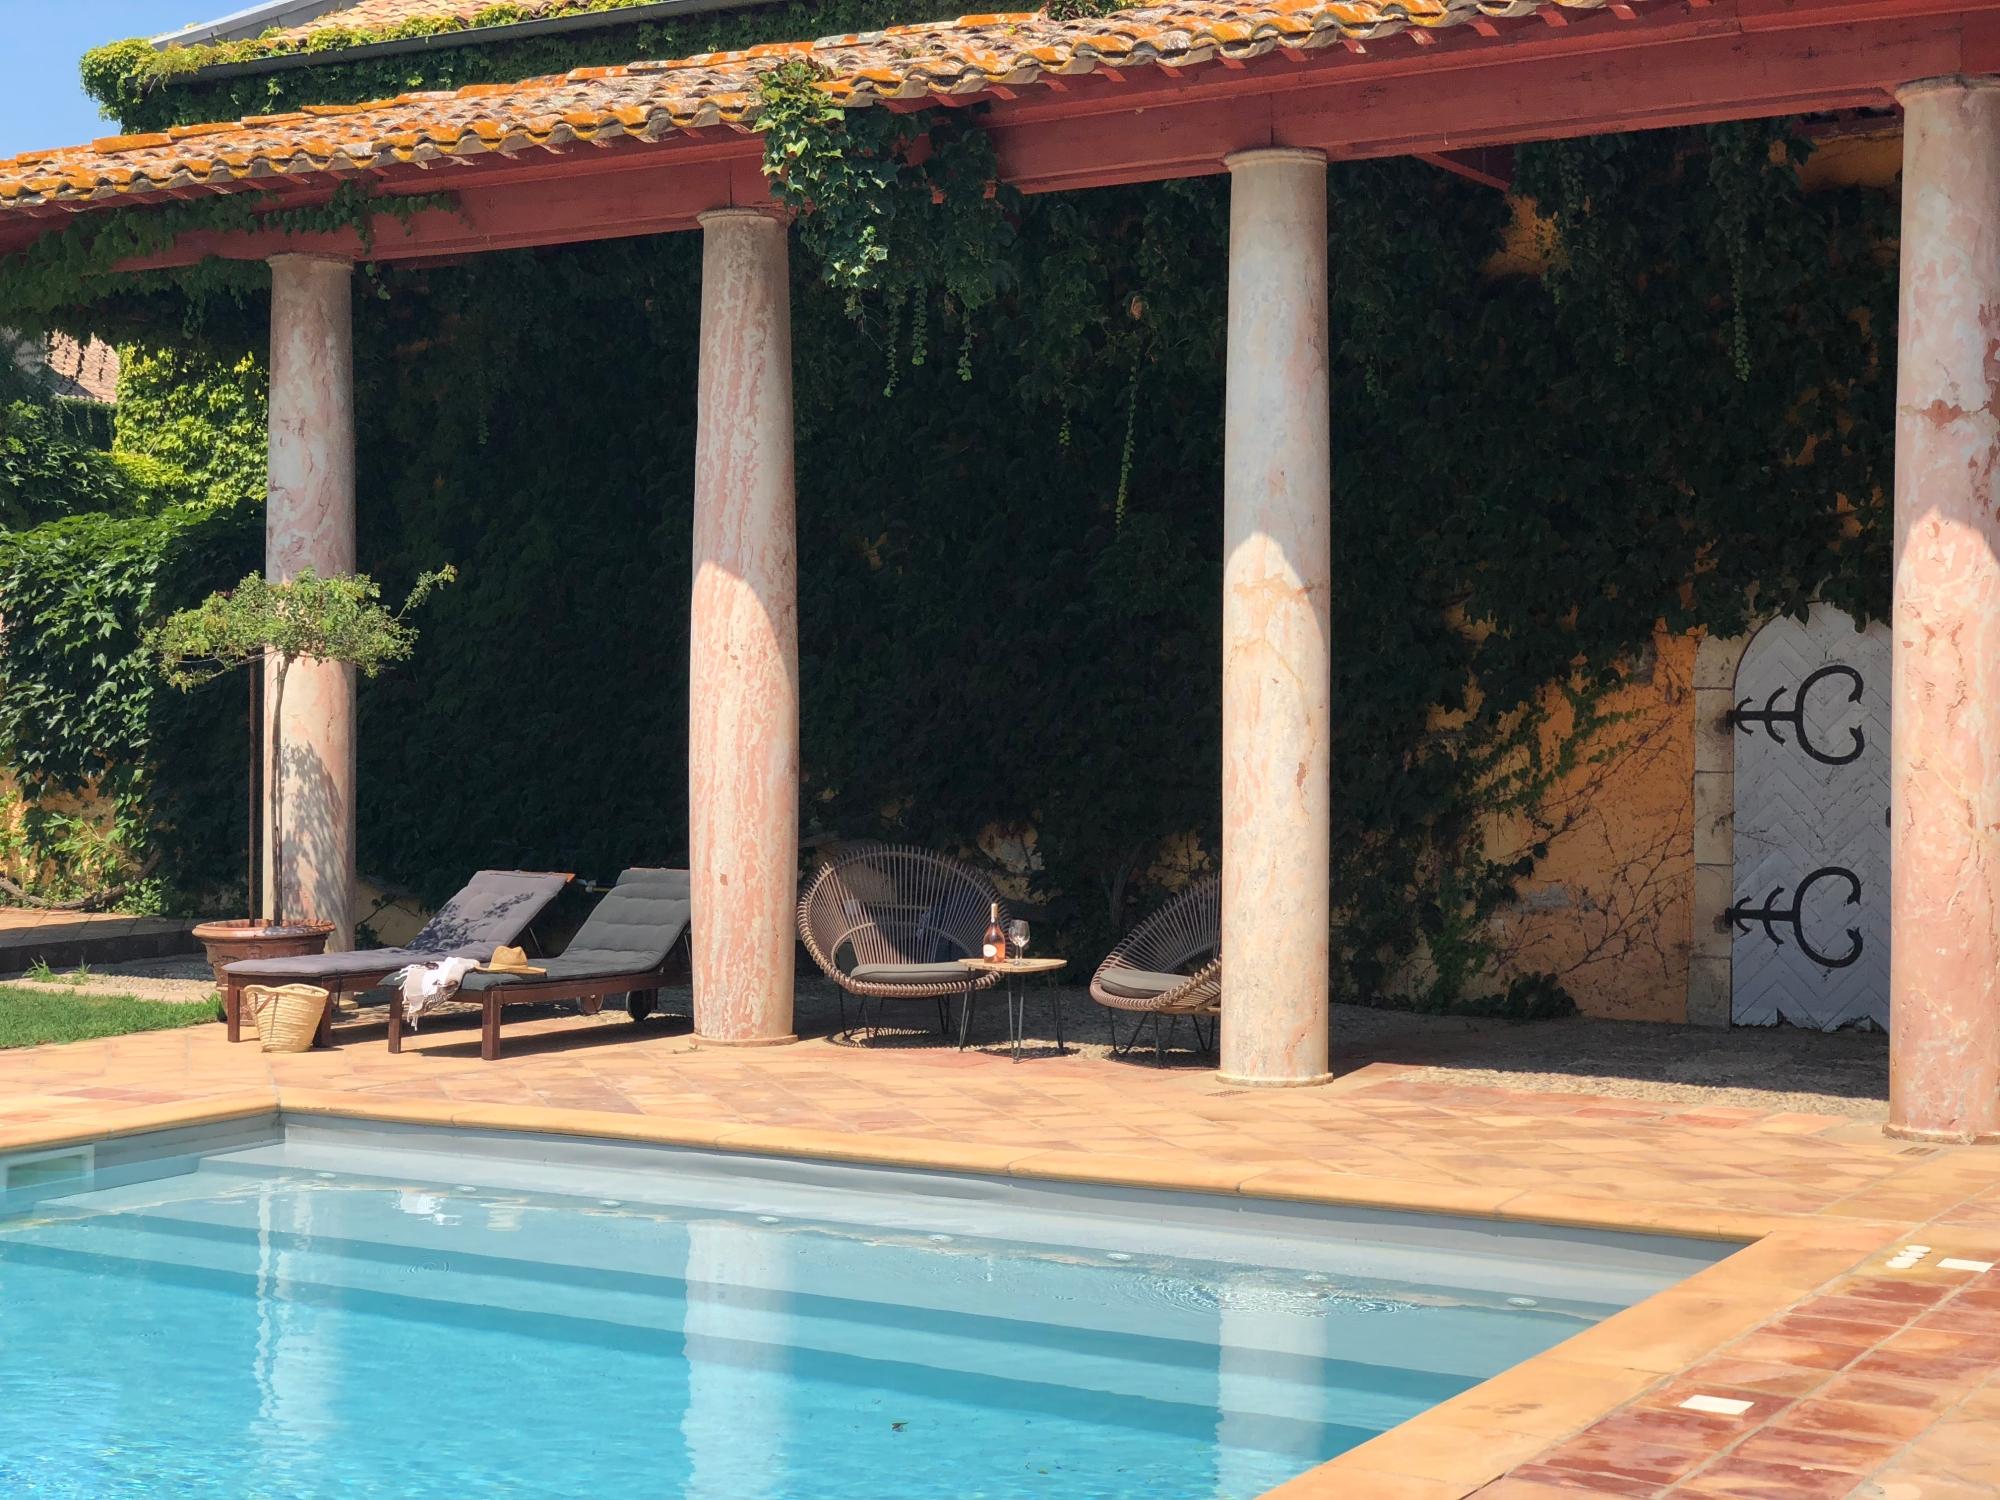 Chateau-de-Paraza-détente-au-bord-de-la-piscine-du-chateau